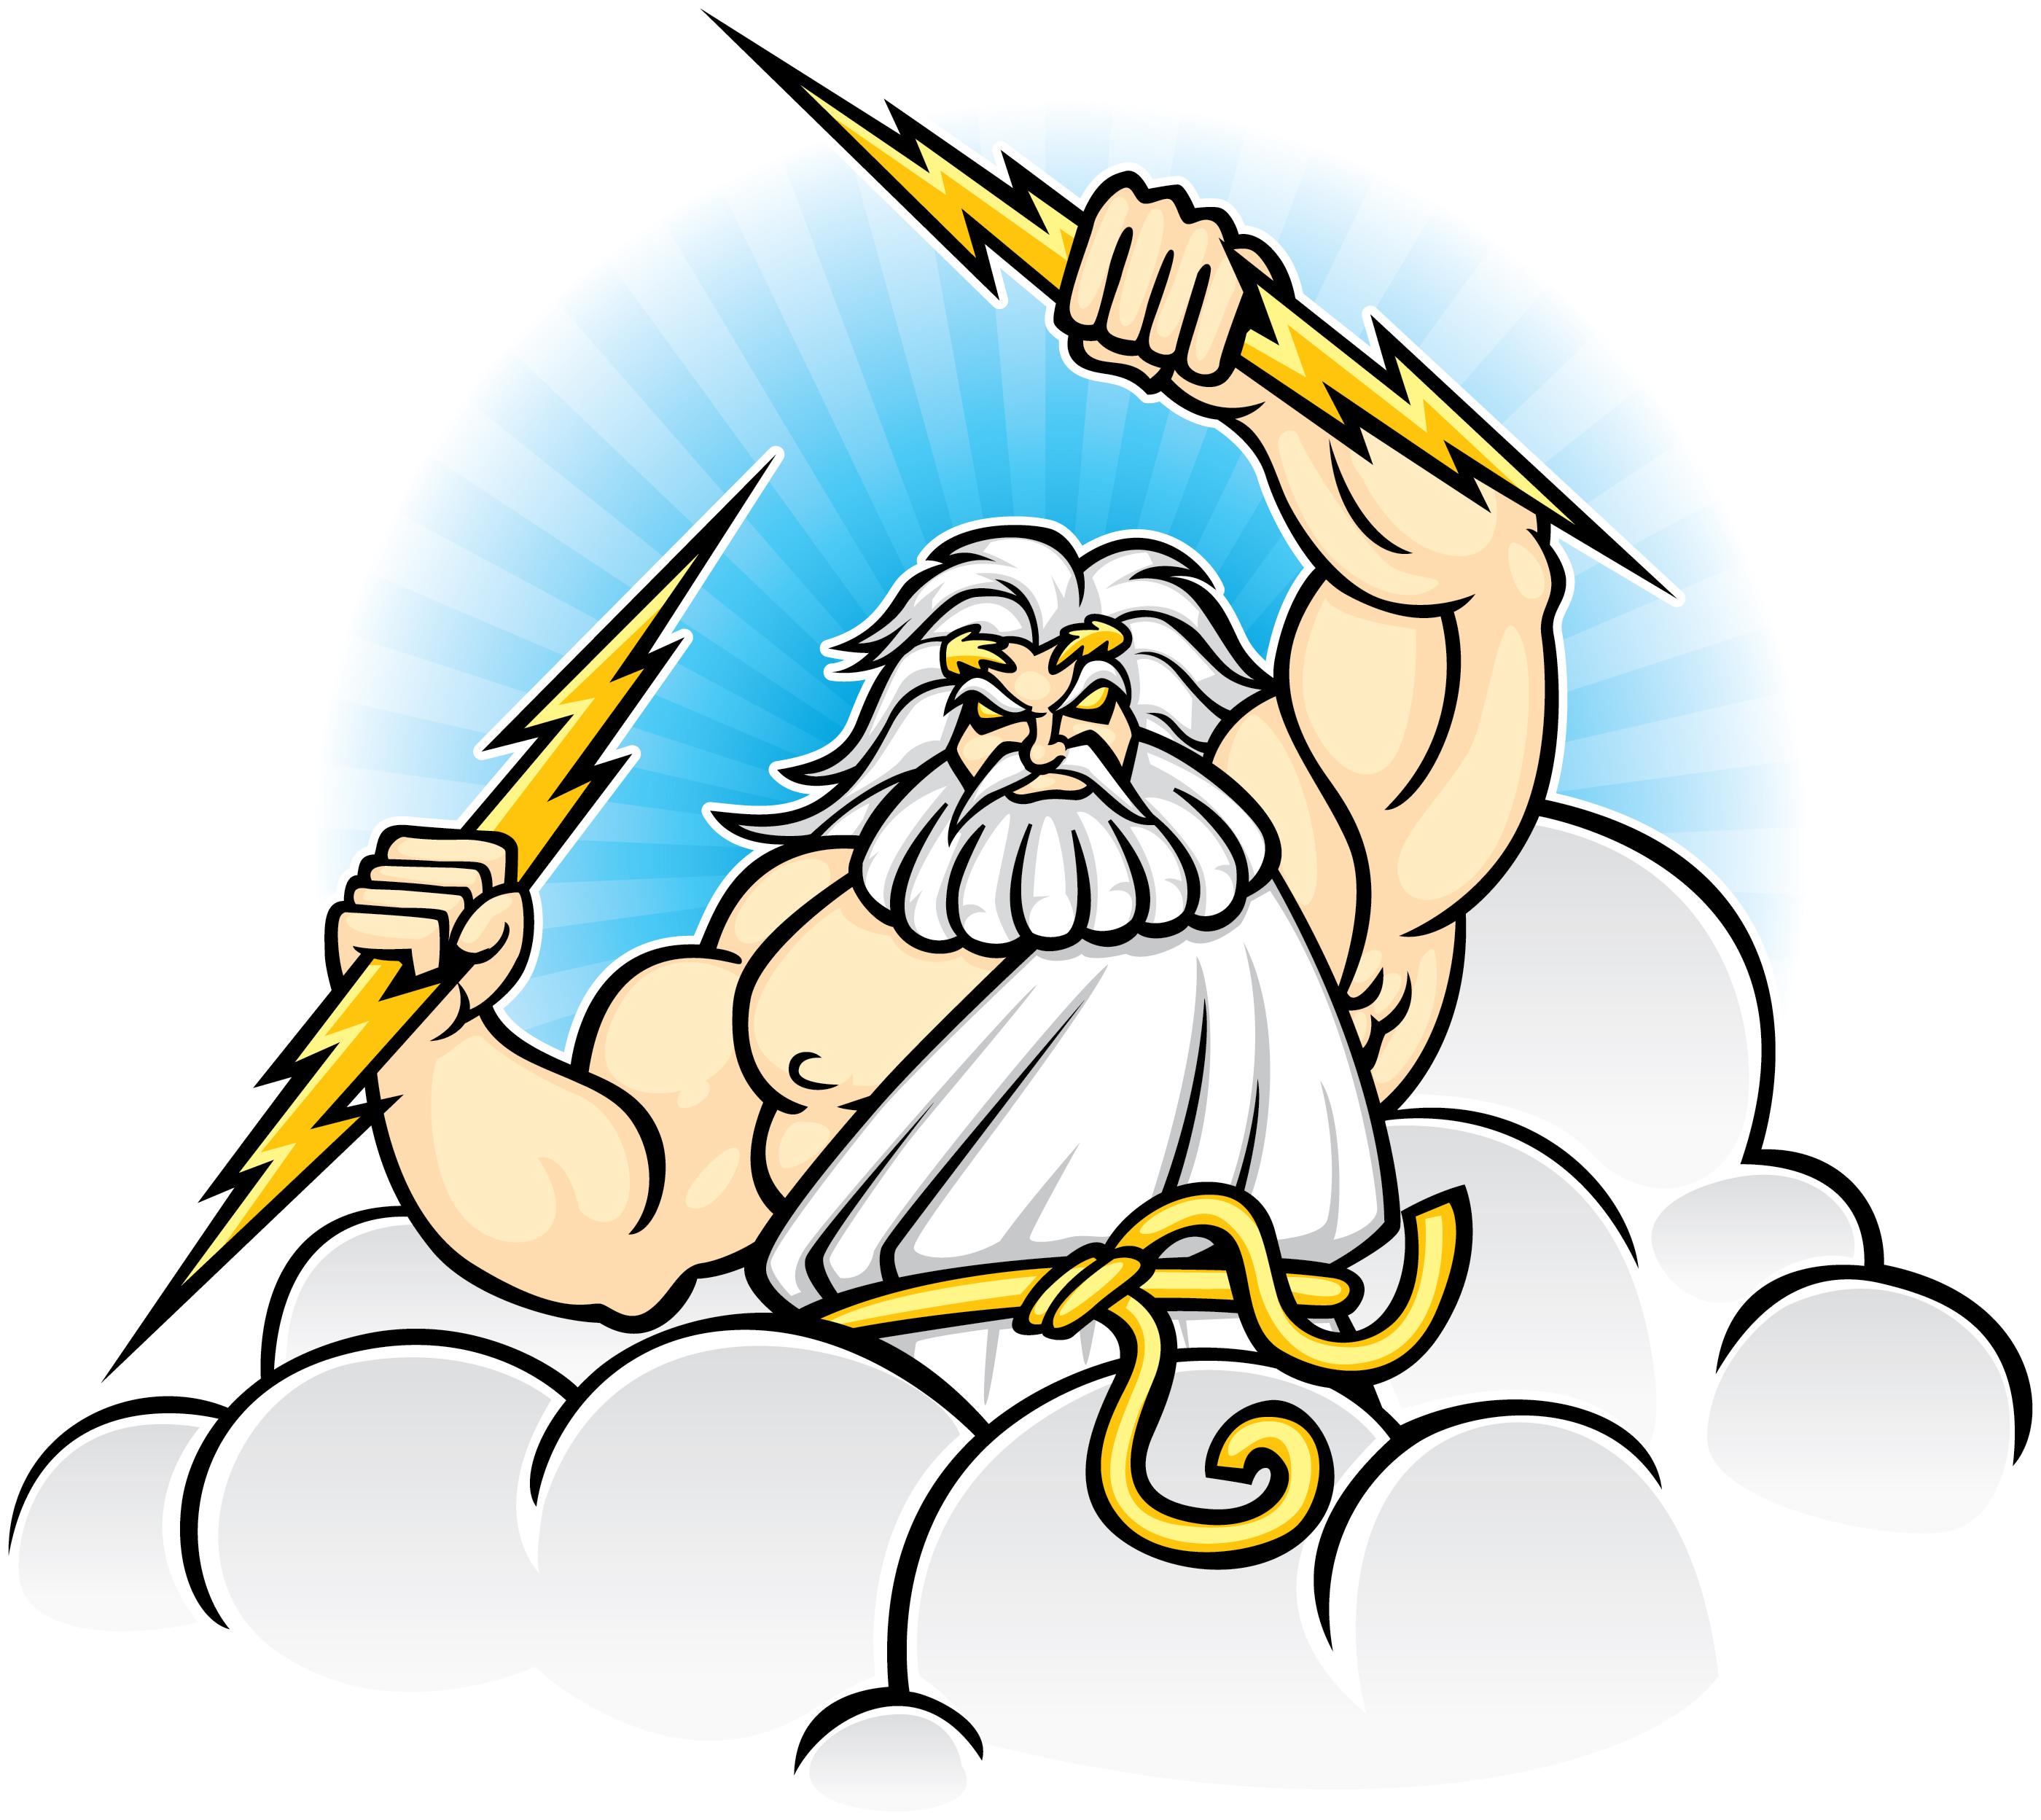 Zeus Anuncia Su Retiro Ya Nadie Me Pide Milagros El Deforma